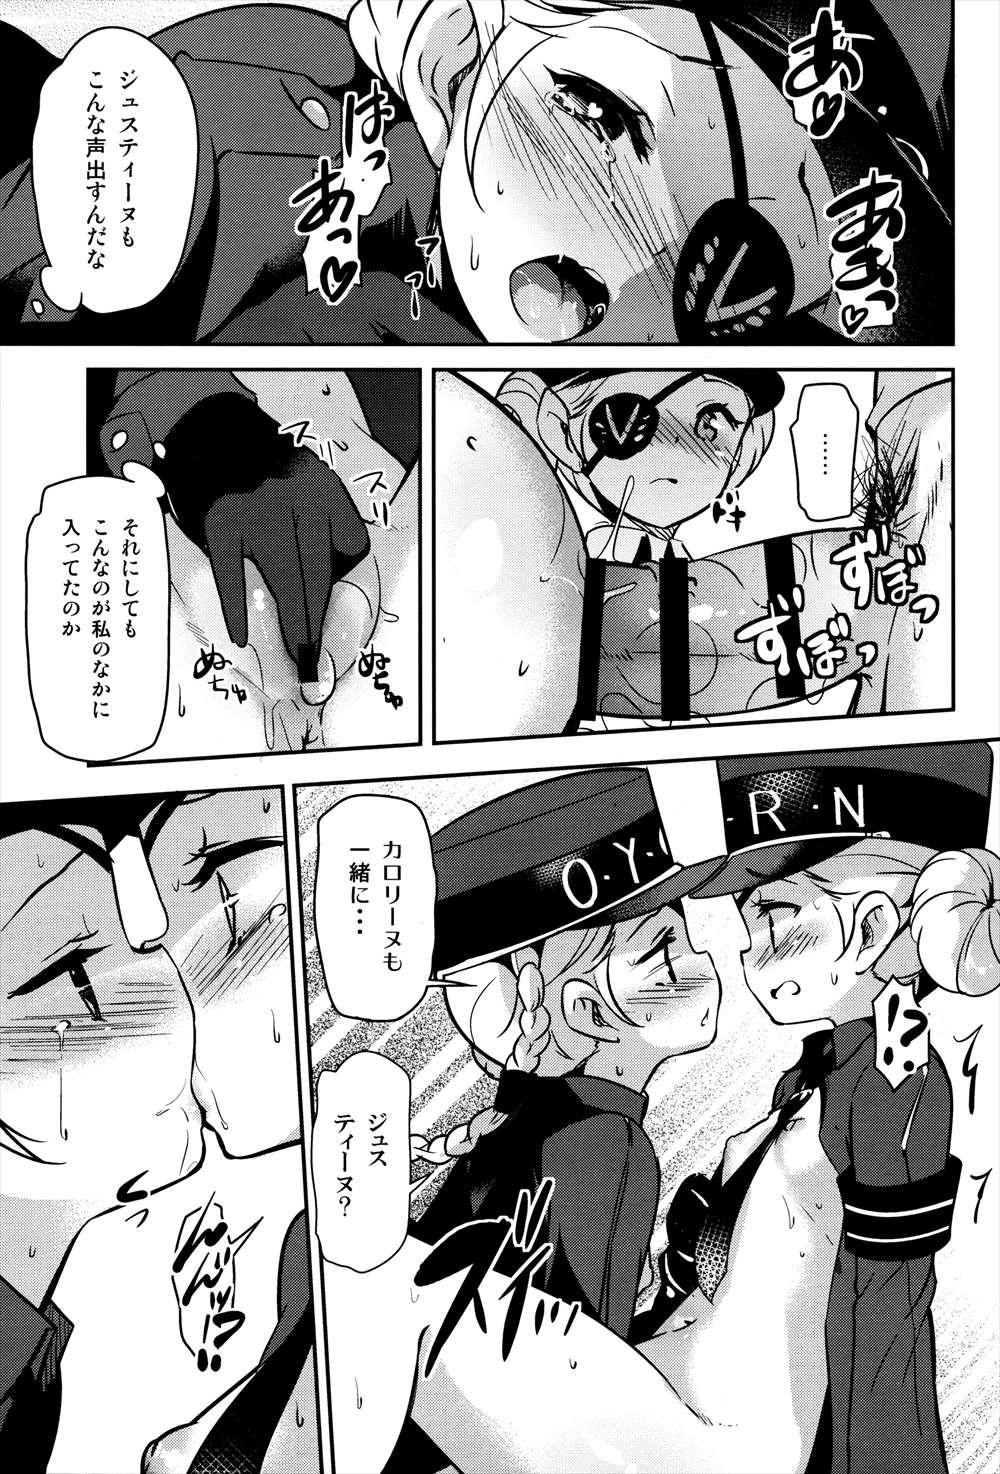 【エロ同人誌】囚人更生のためにカロリーヌ&ジュスティーヌとの濃厚3Pセックスできるwww【/C91】